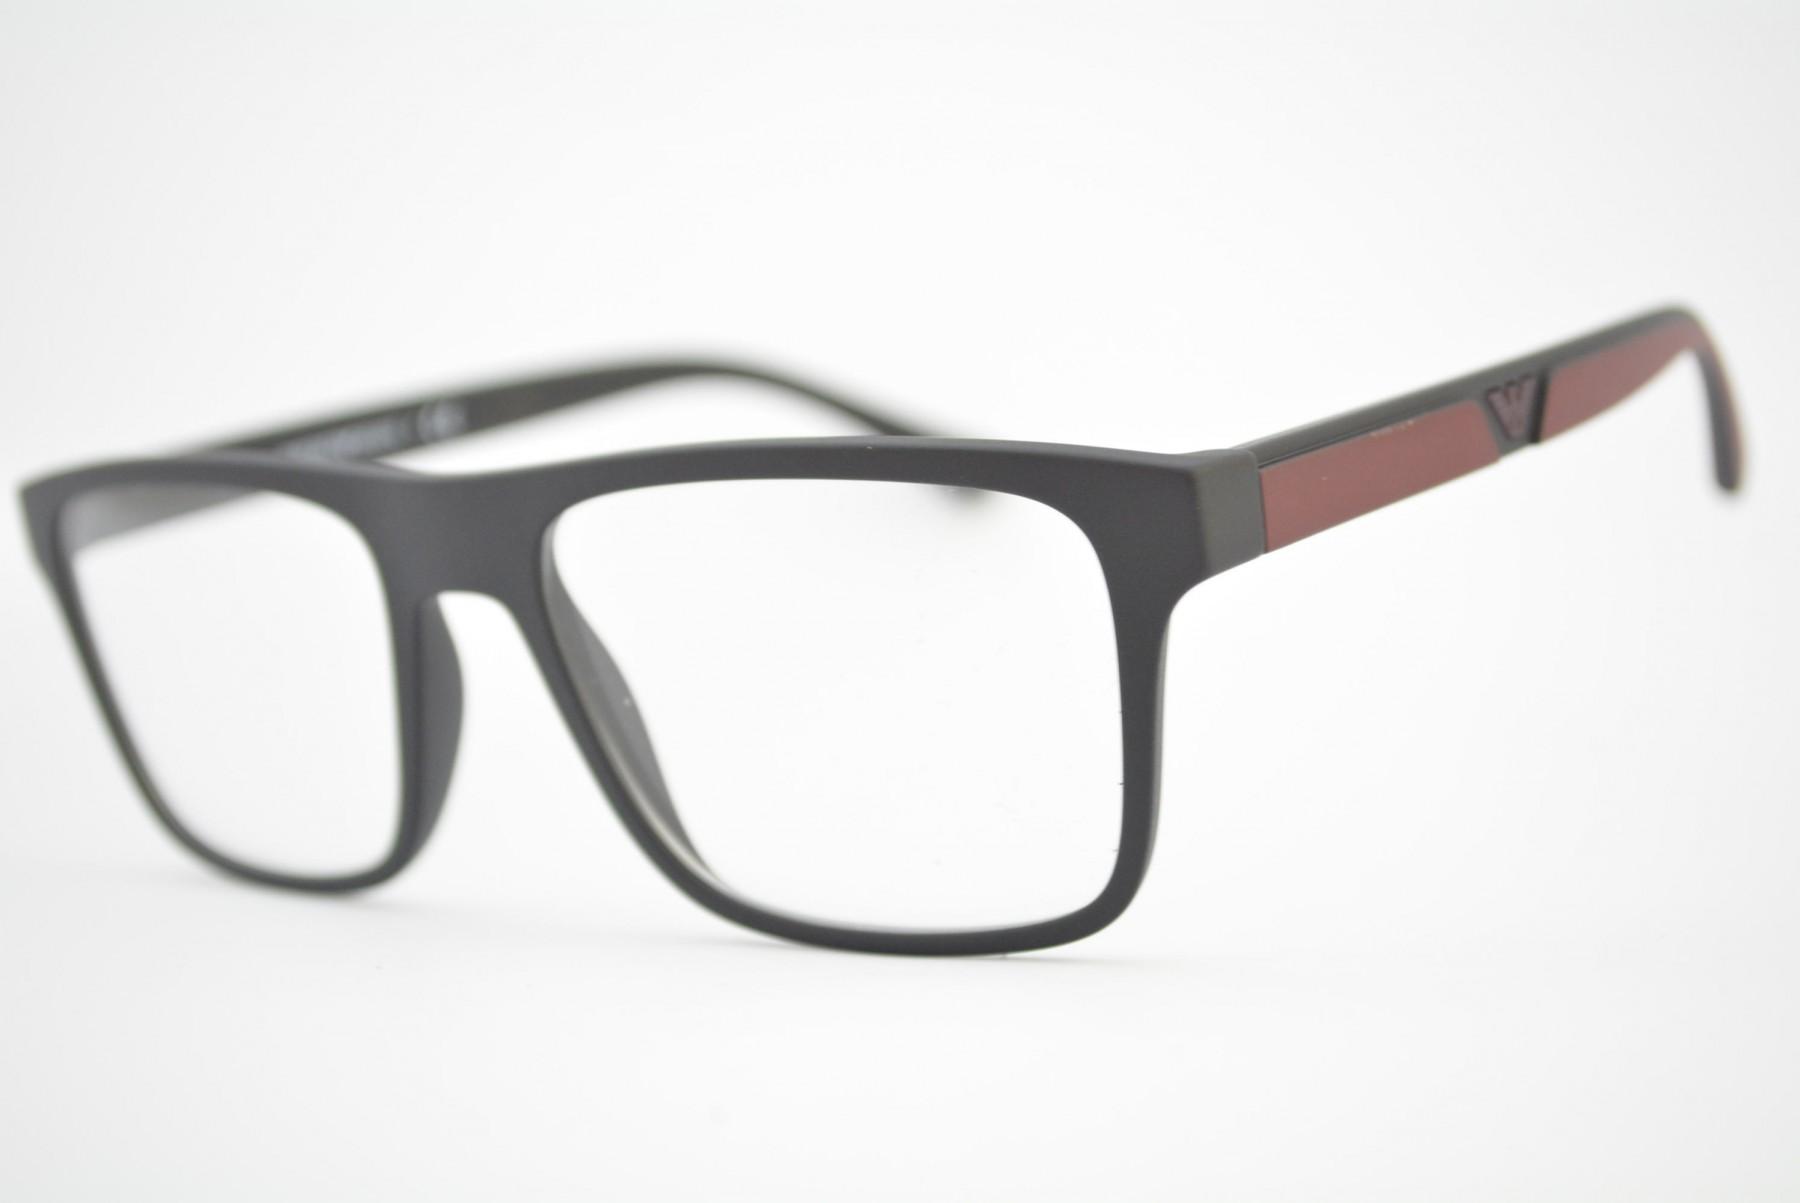 armação de óculos Emporio Armani mod EA4115 5042 1w Clip on. Código  ea4115  5042 1w 1eb01f48f0